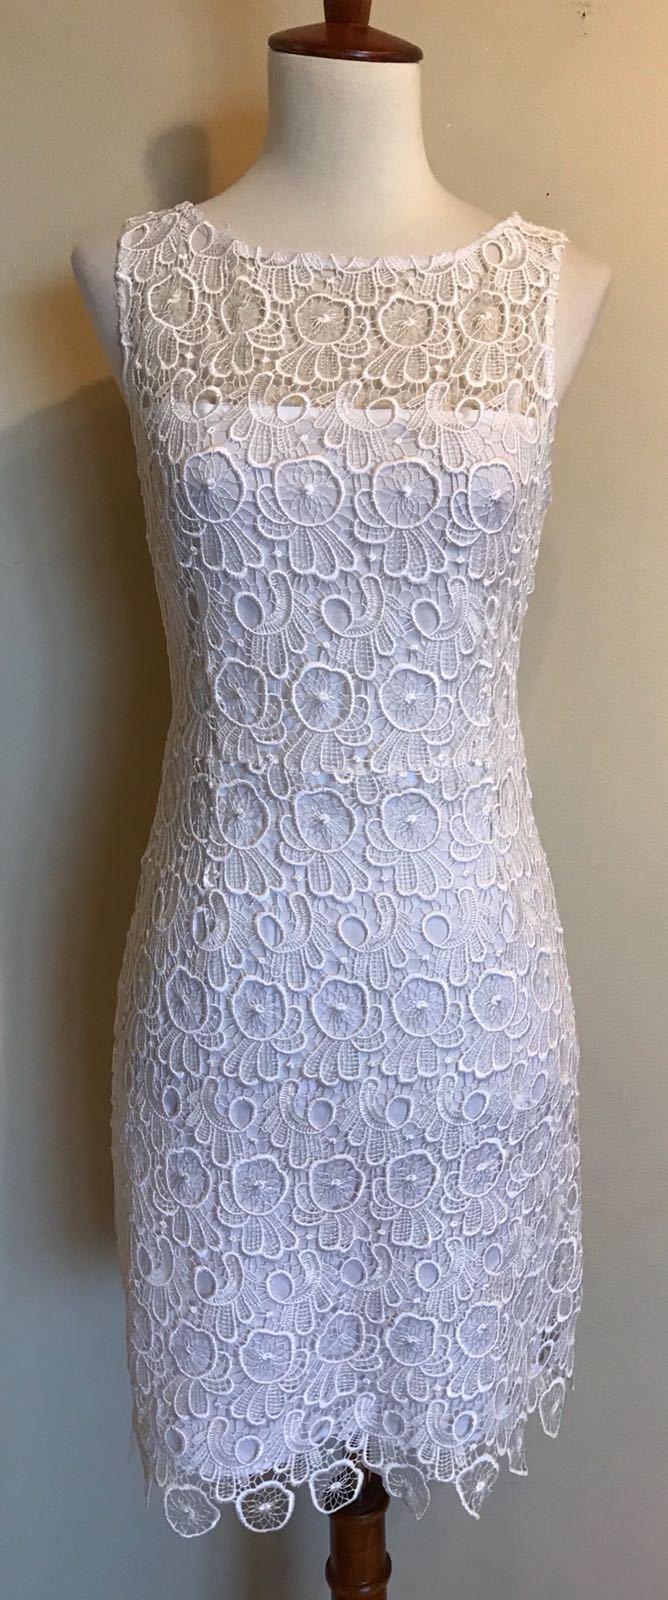 BB Dakota Morrow Lace Sheath Dress, Ivory, Size 2